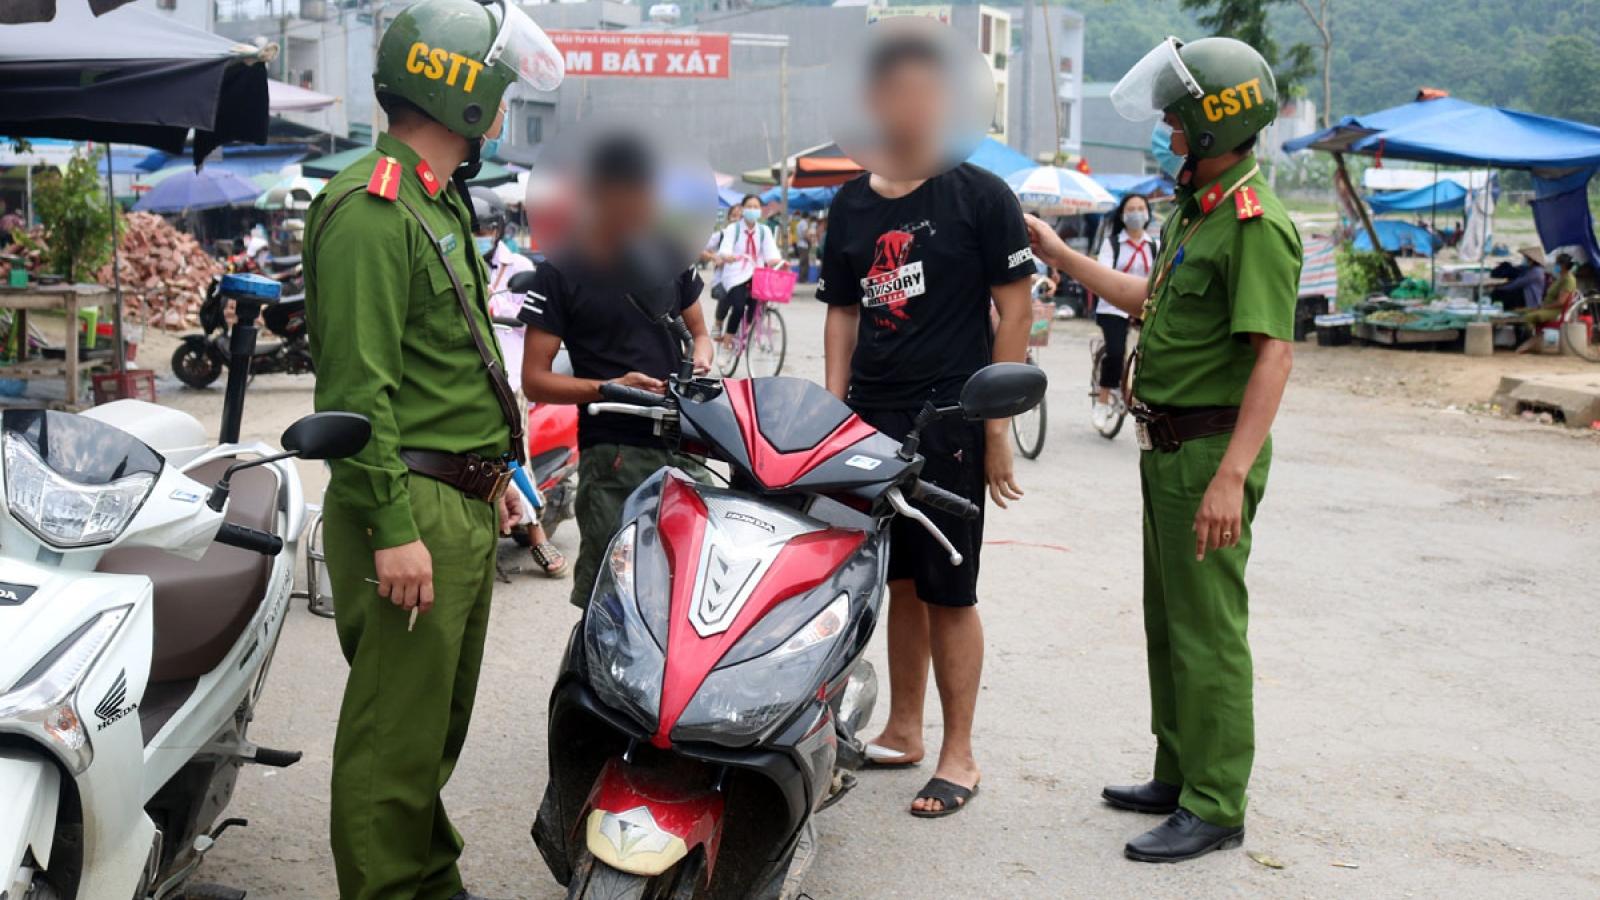 Hàng chục trường hợp ở Lào Cai bị phạt 2 triệu đồng vì không đeo khẩu trang